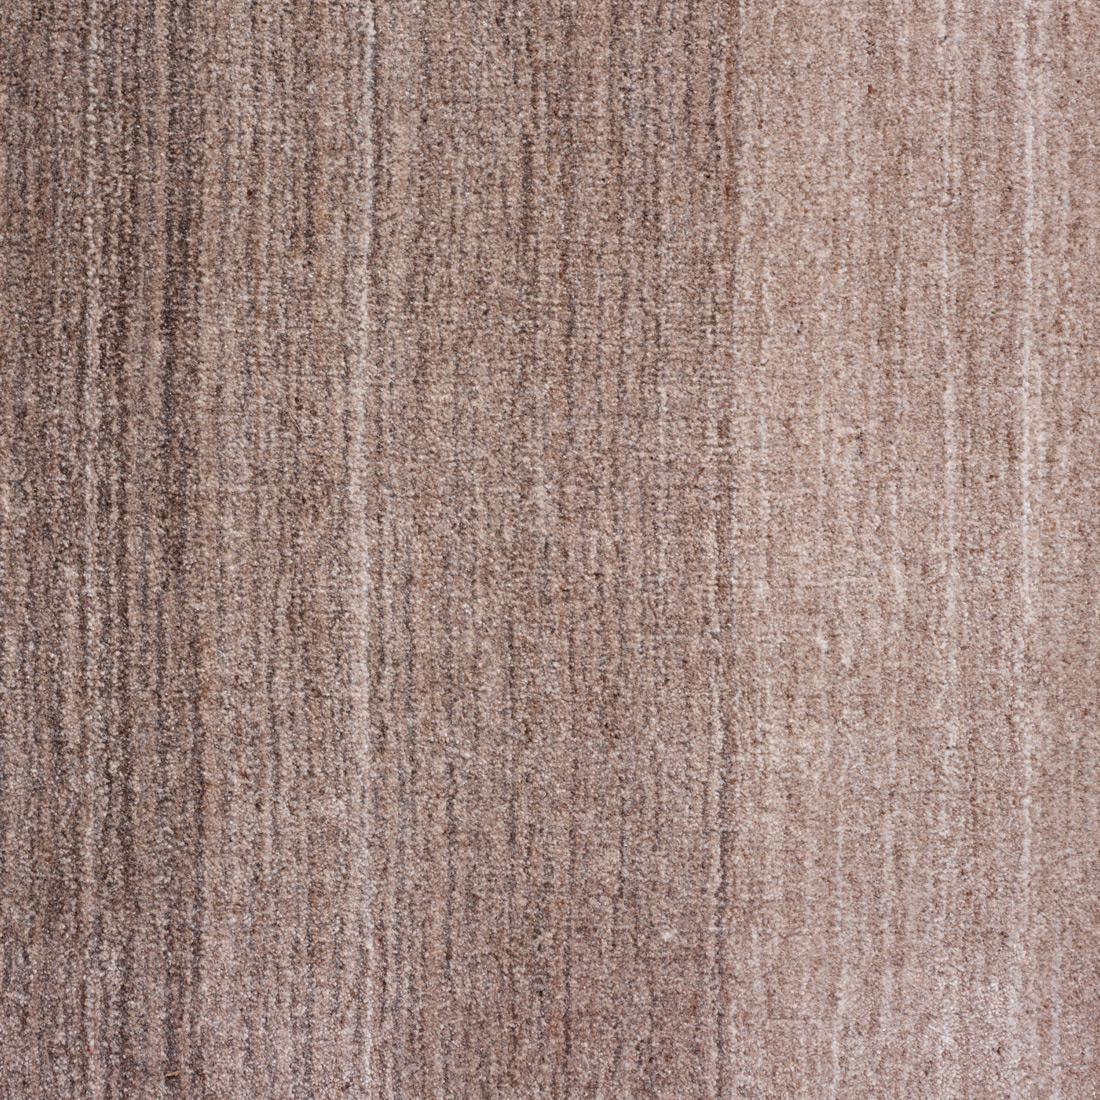 Vloerkleed Xilento Admire Beige | 170 x 230 cm